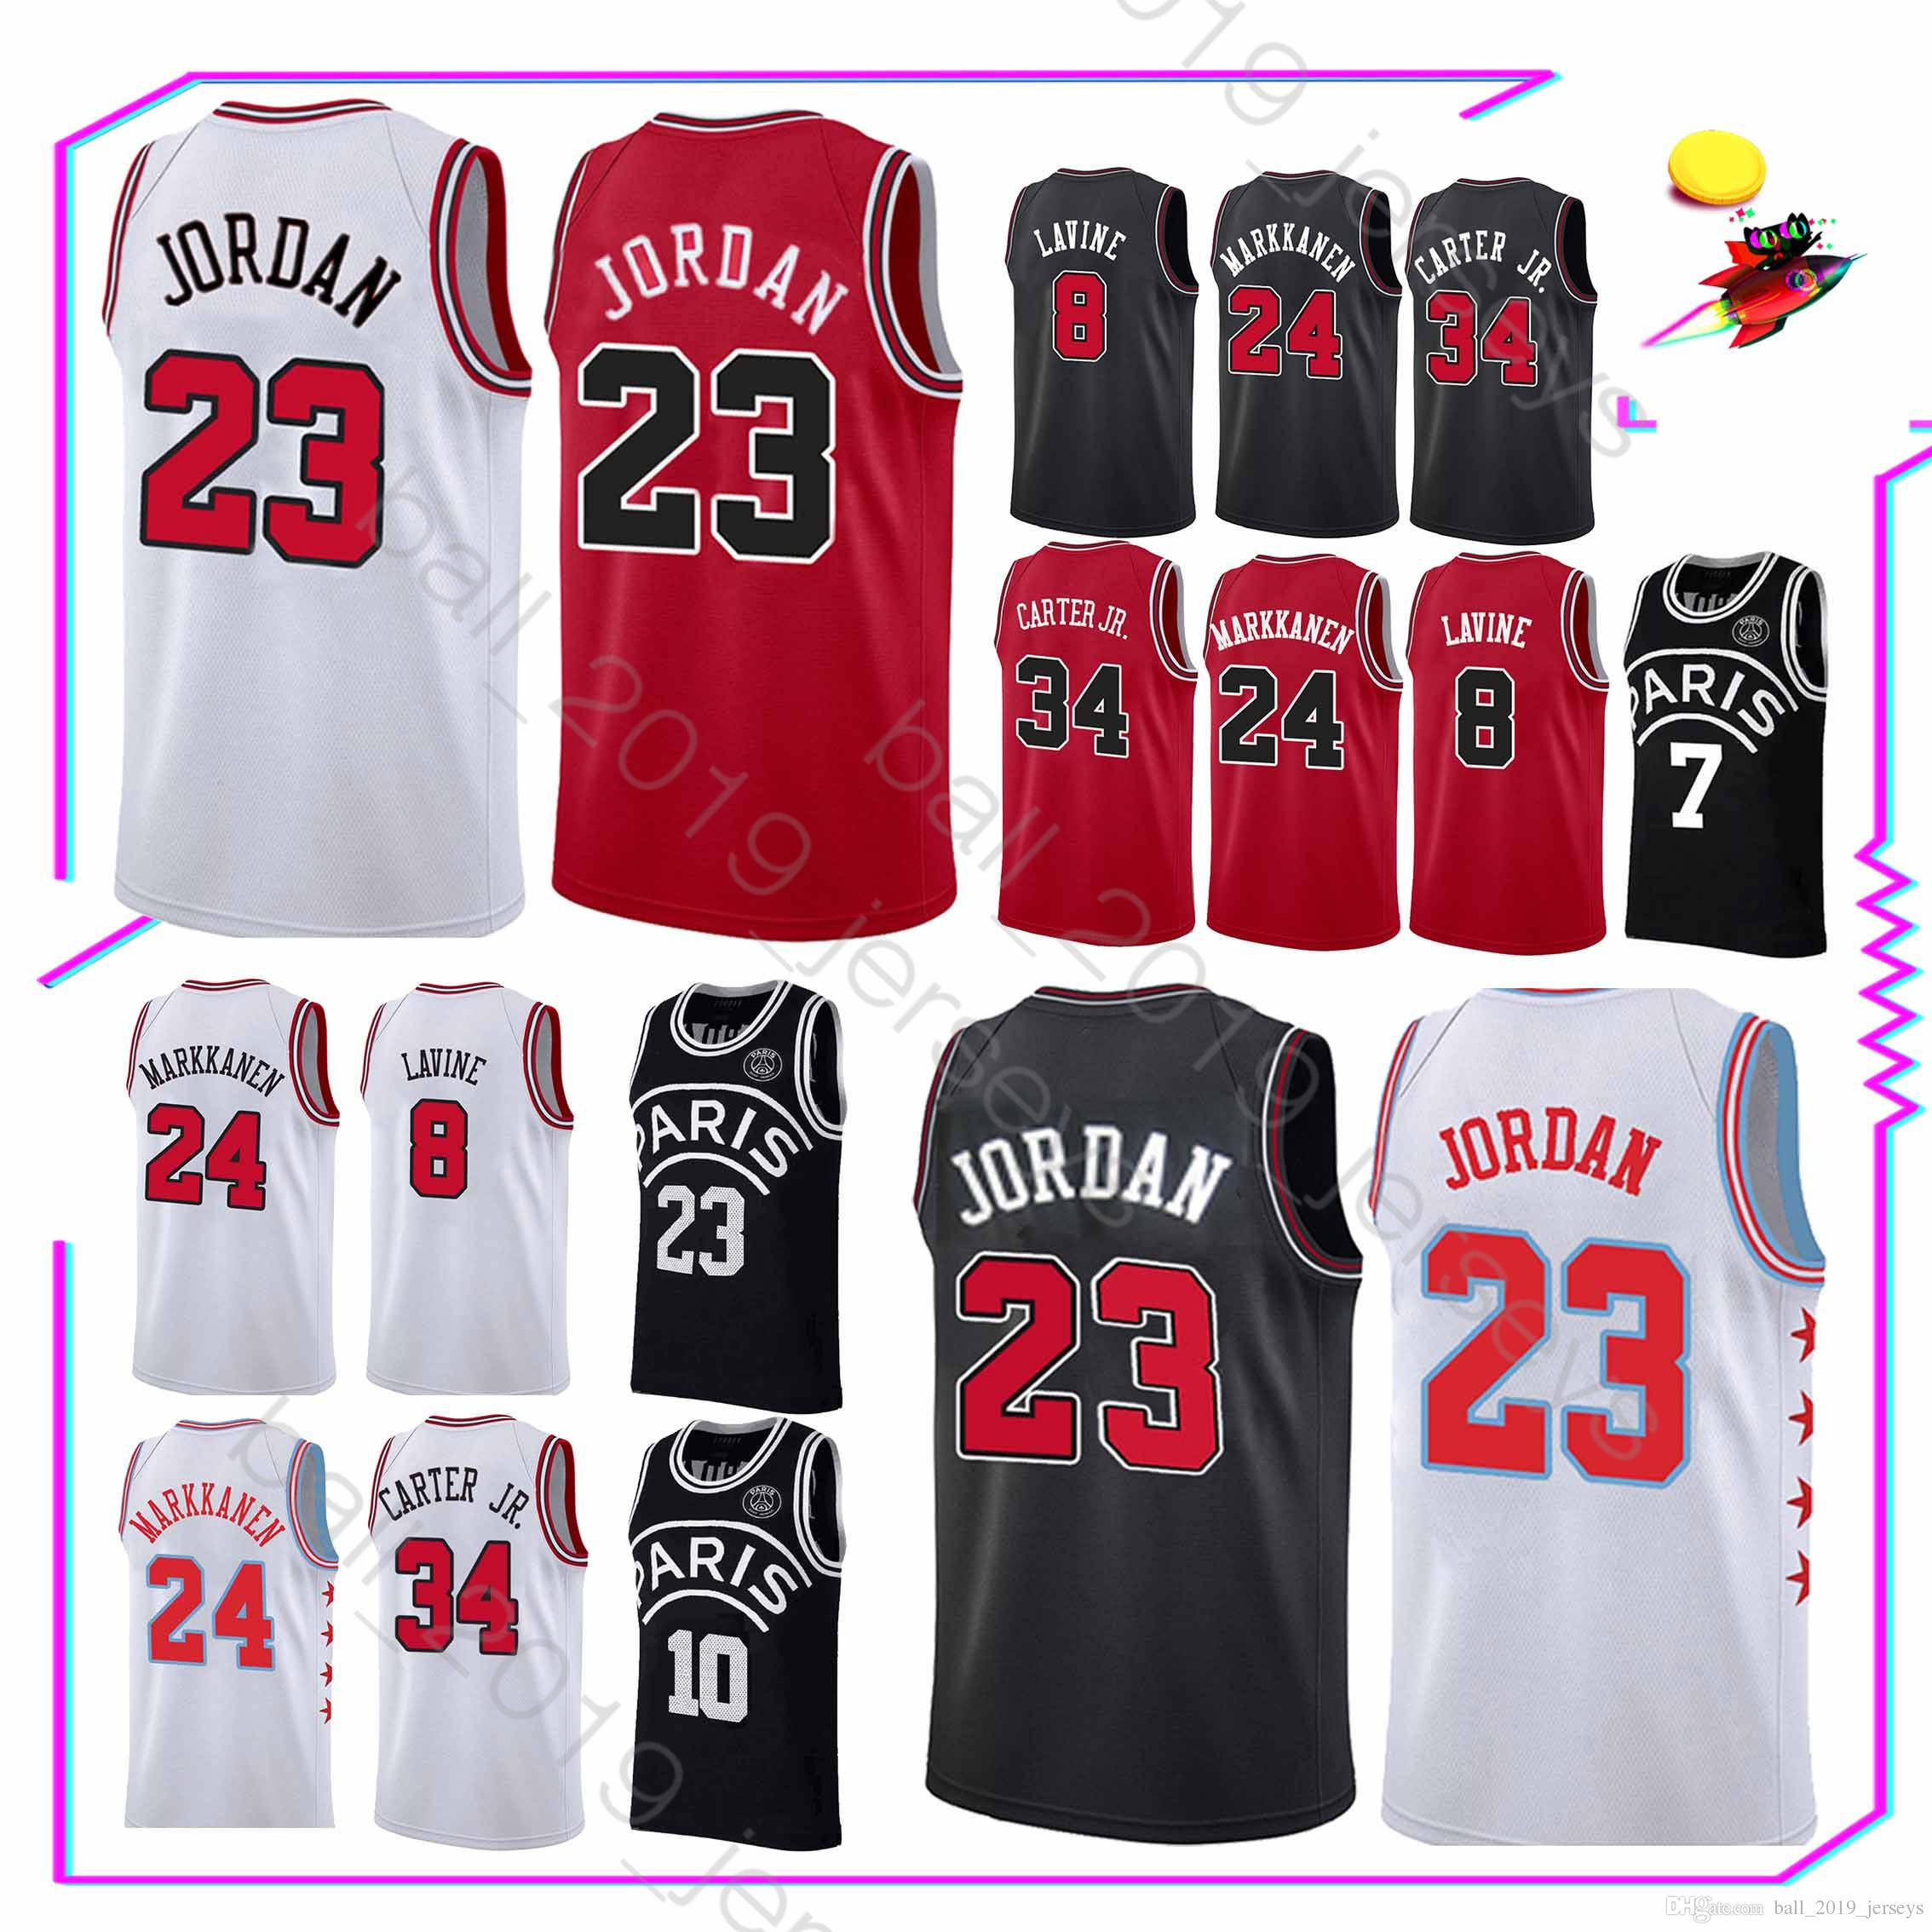 best service 757e7 d039b 23 MJ jerseys Chicago jerseys Bulls 8 LaVine 24 Markkanen 34 Carter Jr  jersey Basketball Jerseys